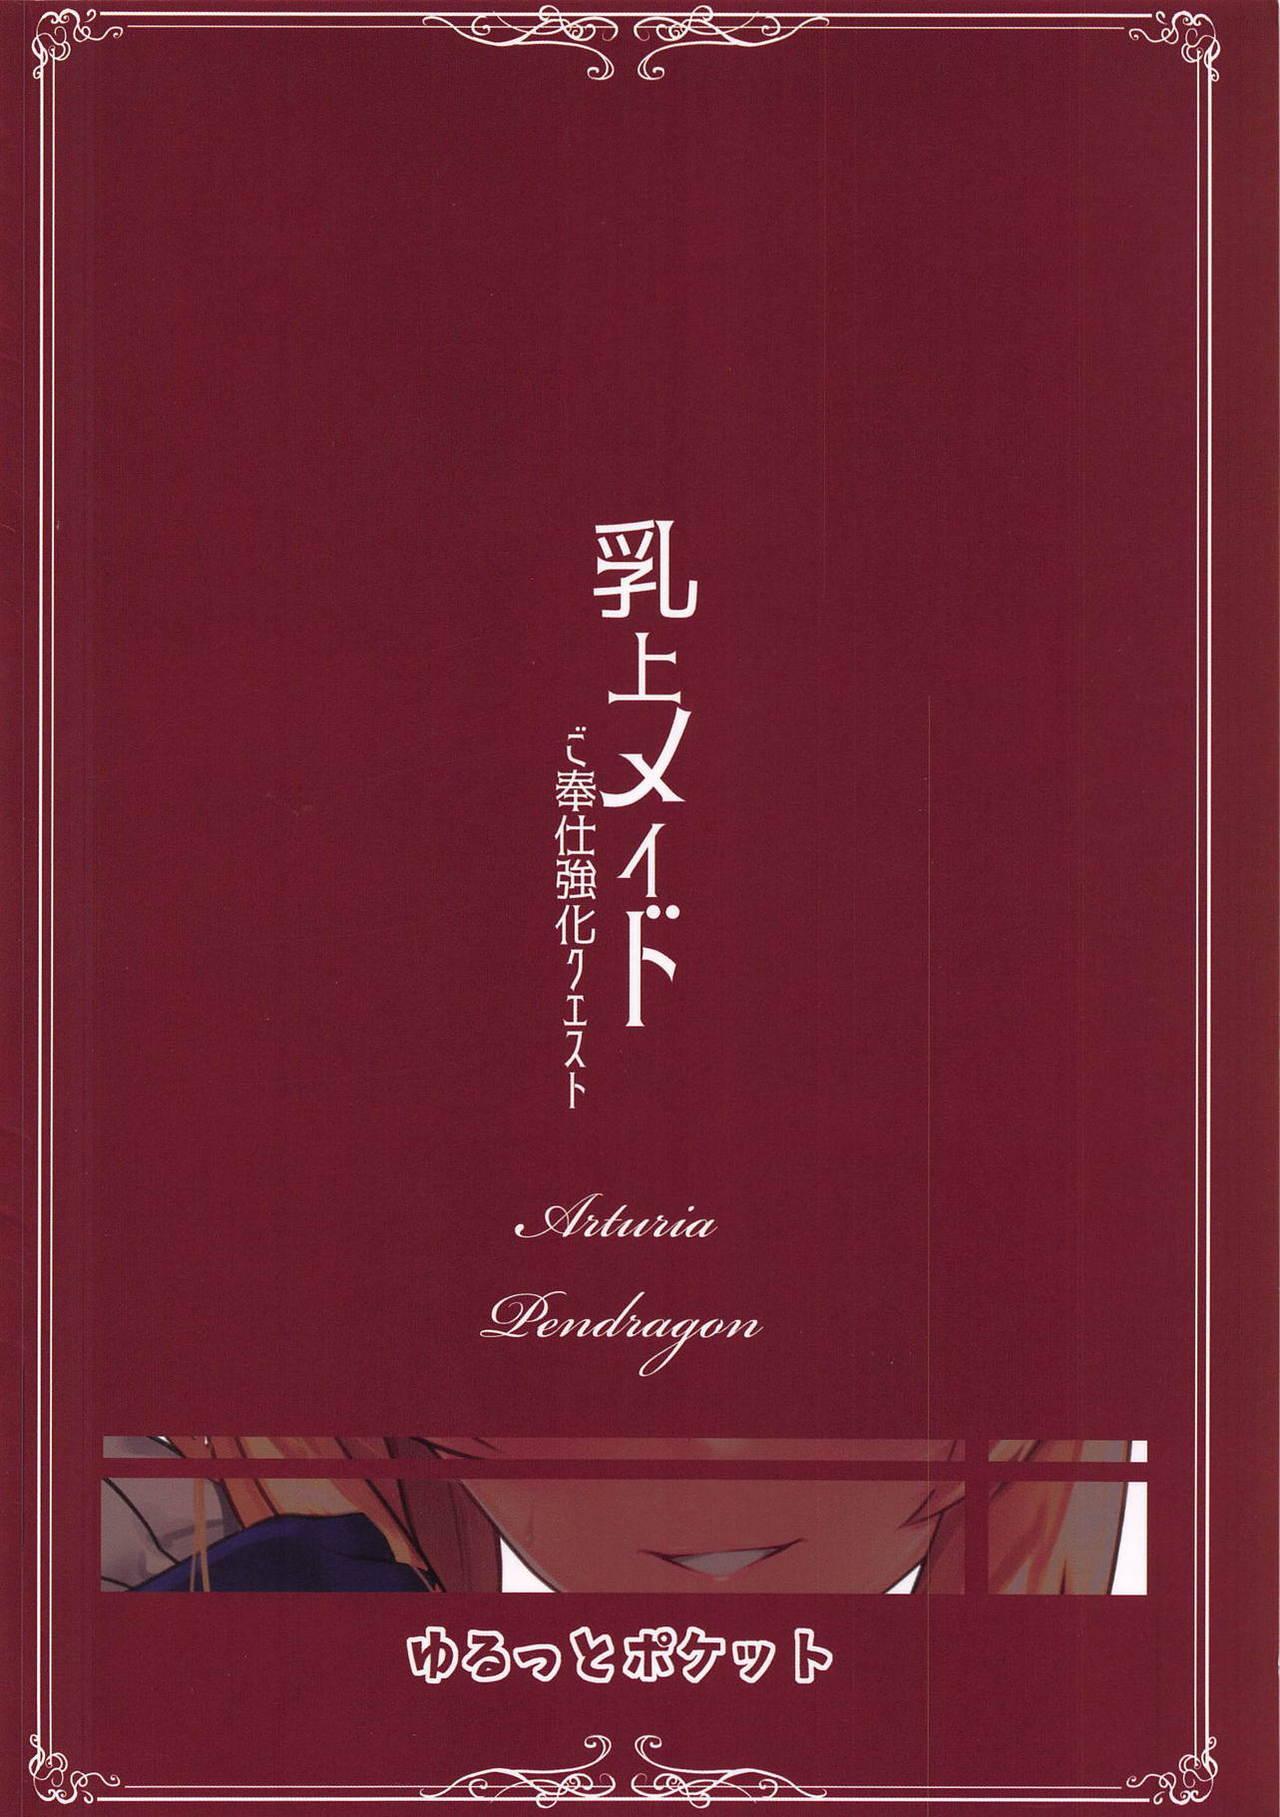 Chichiue Maid Gohoushi Kyouka Quest 25